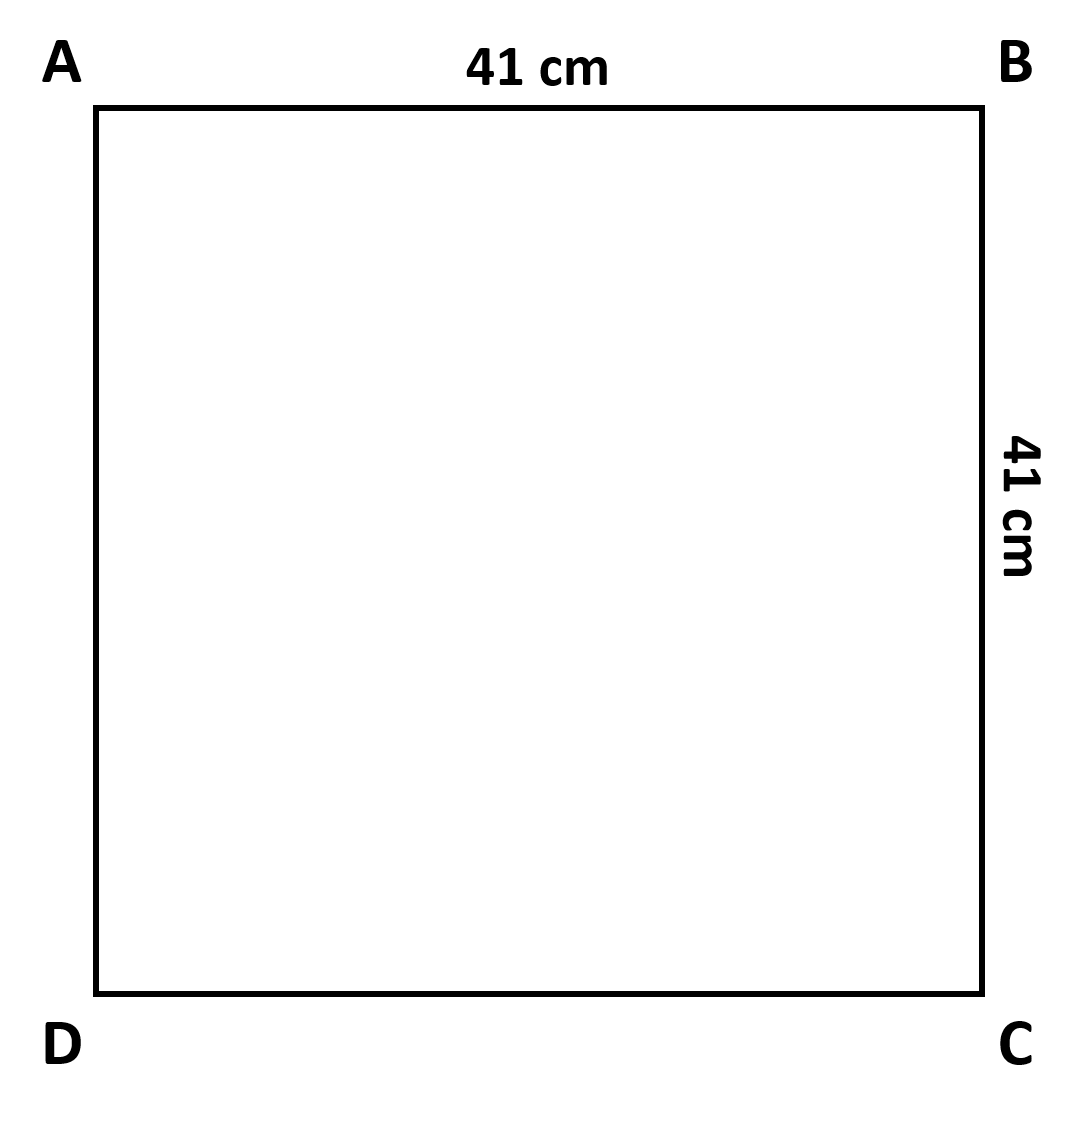 Gambar Segiempat 41x41